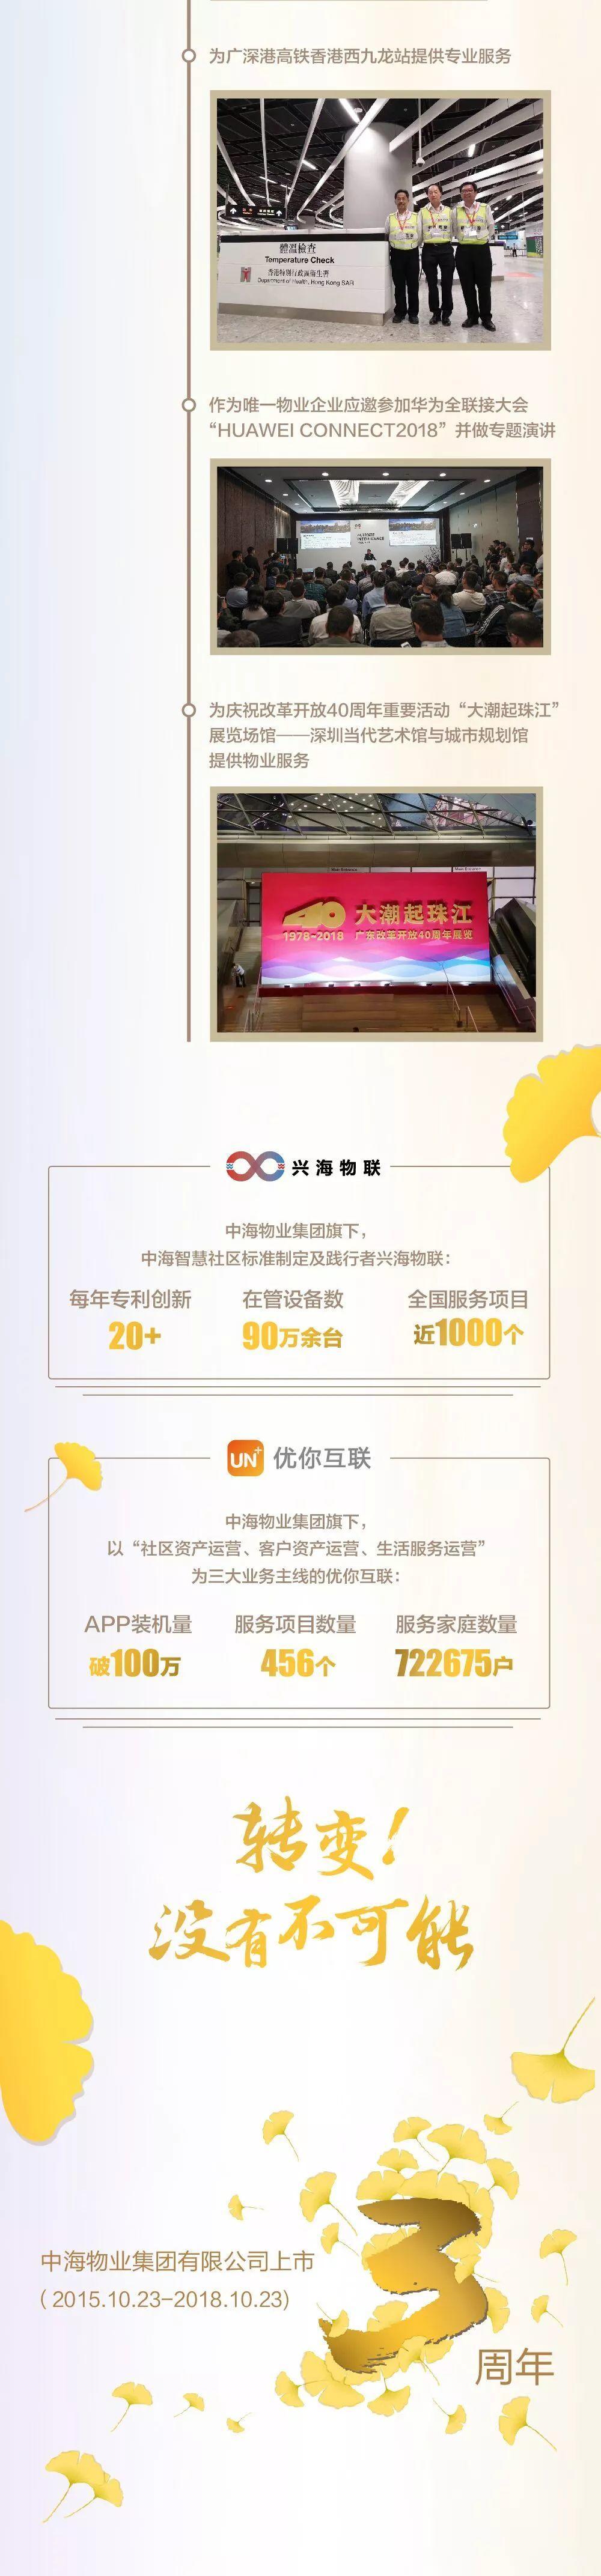 中海物业上市3周年成绩单